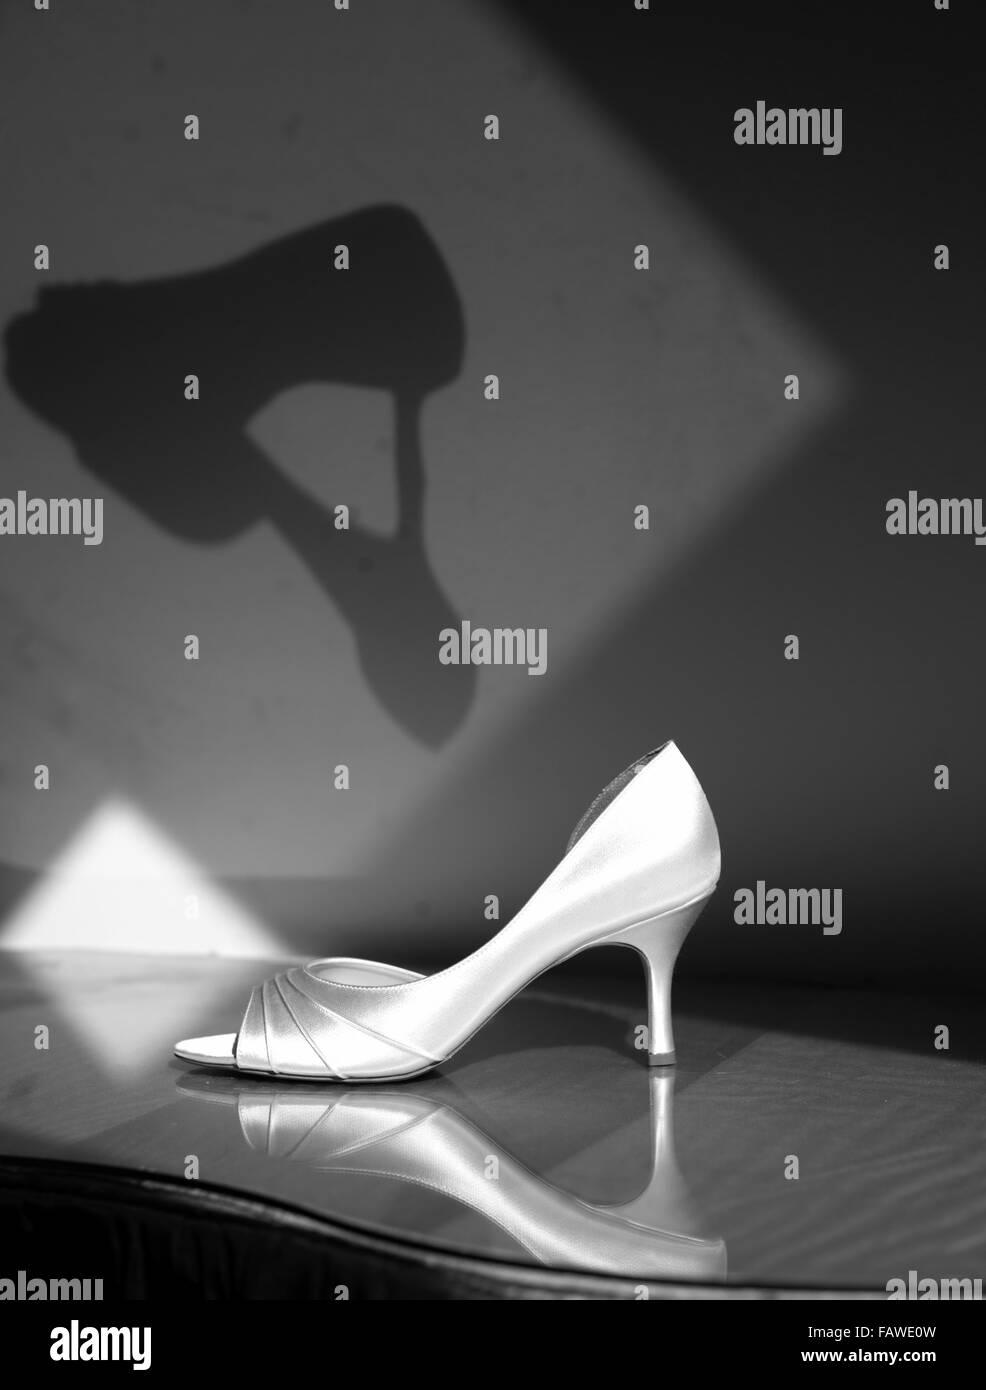 Schwarz und weiß von einem einsamen Schuh. Stockbild